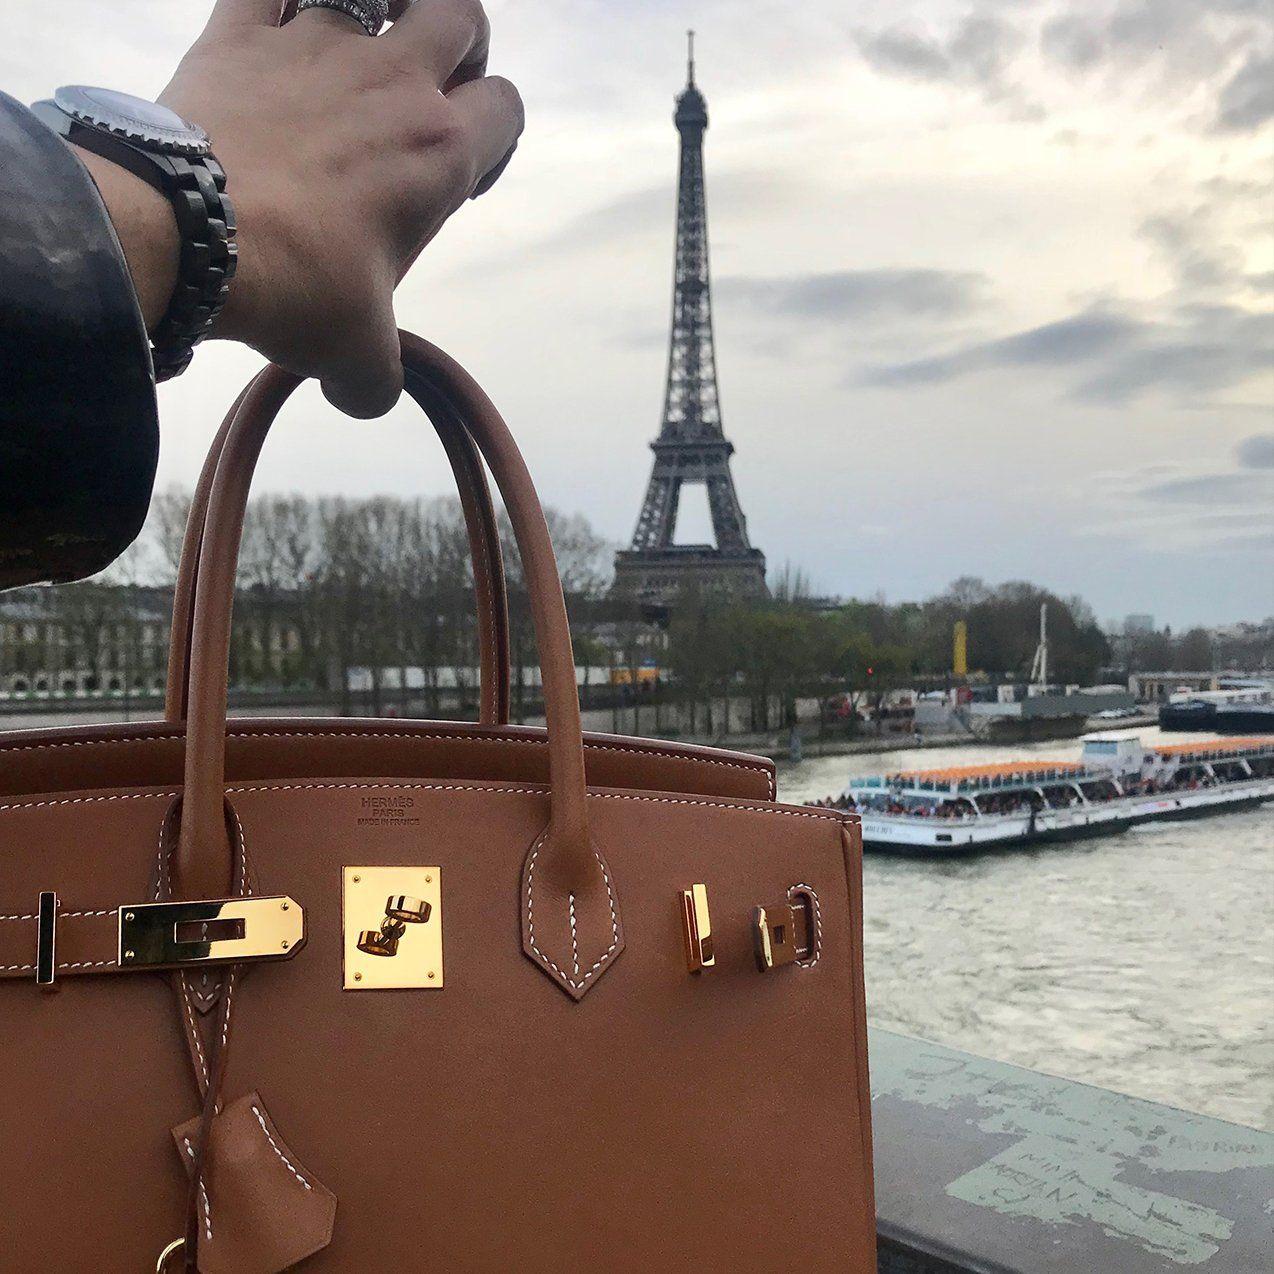 Hermes Kelly Bag Price 2020